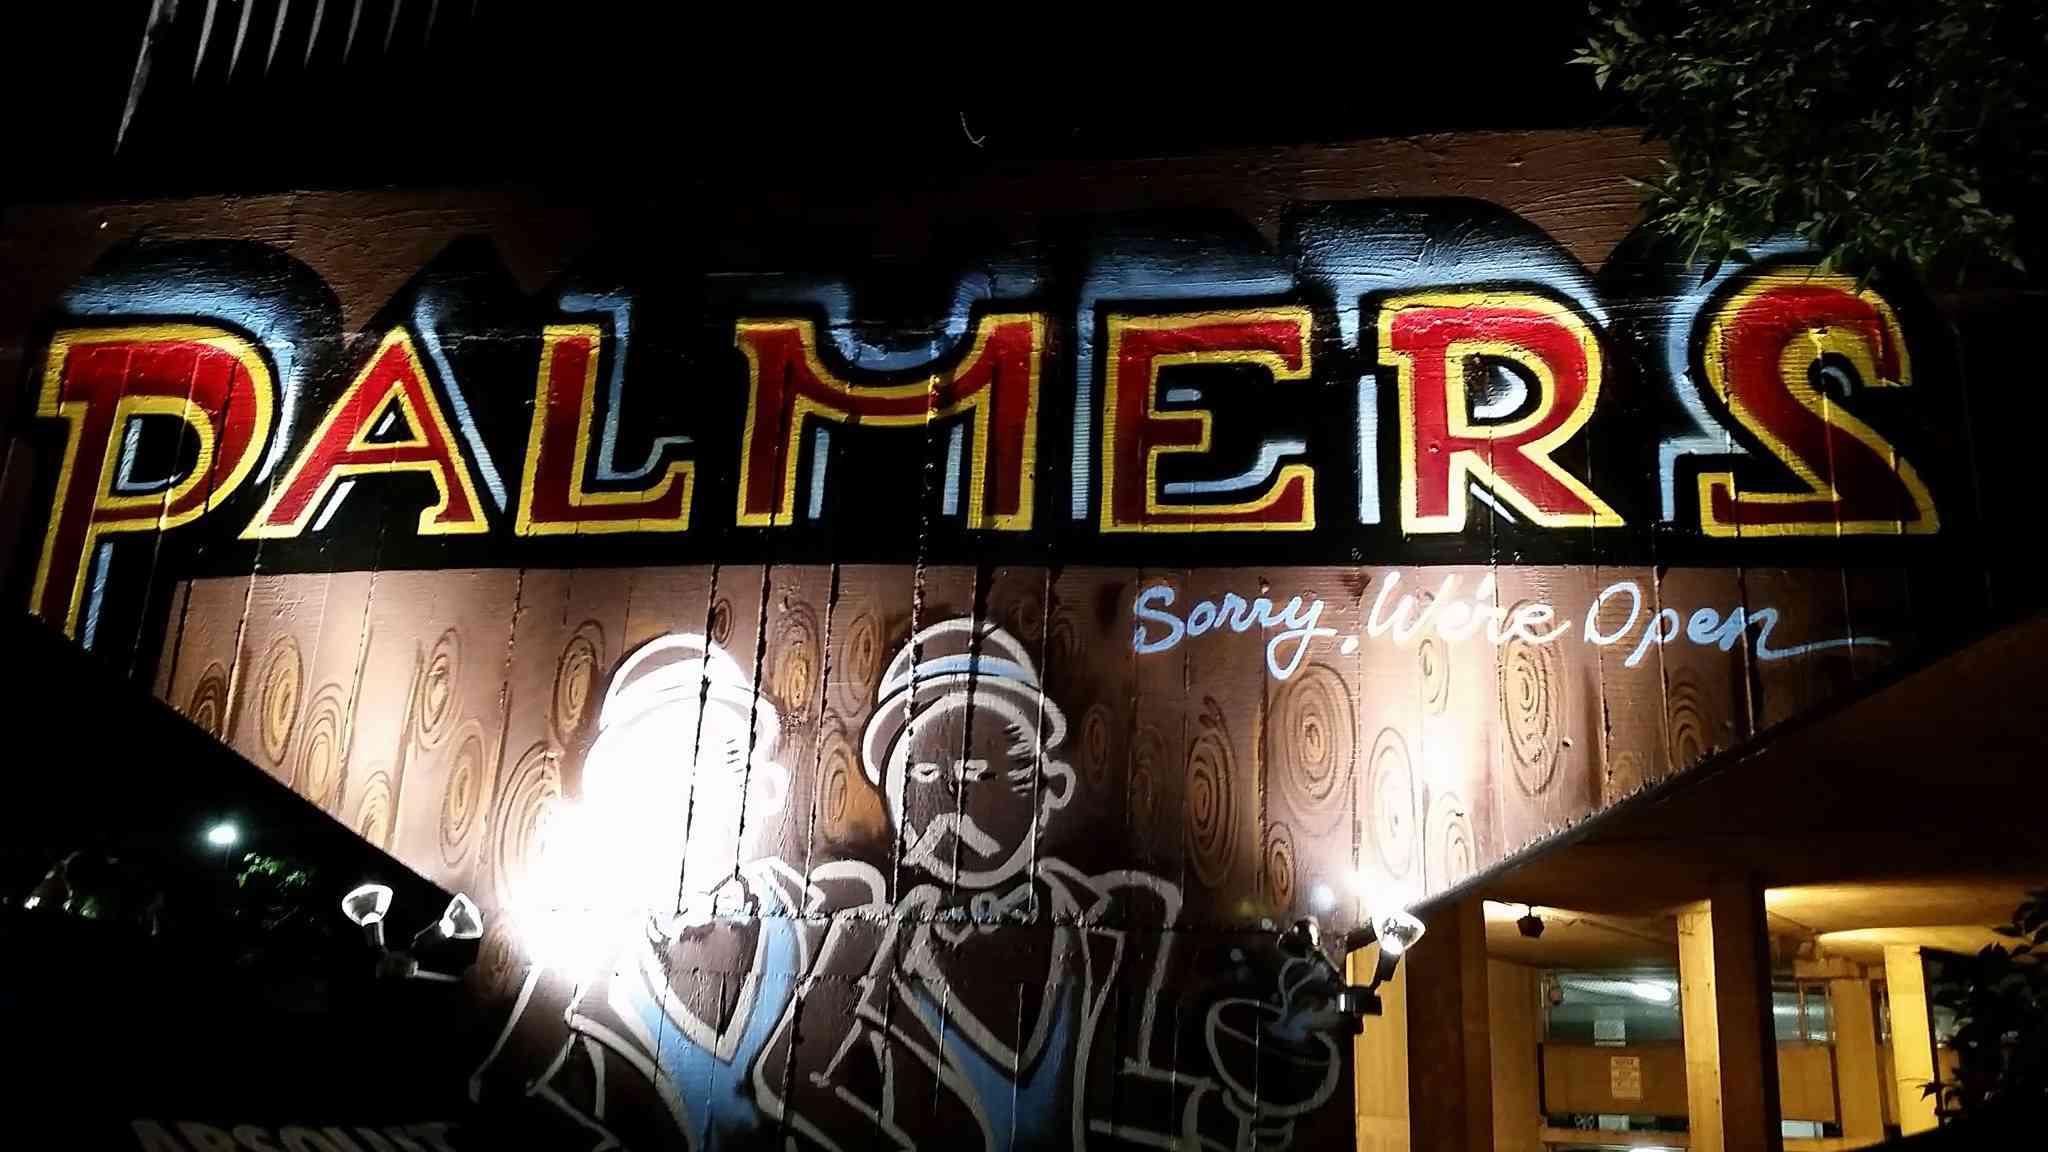 Palmer's Bar